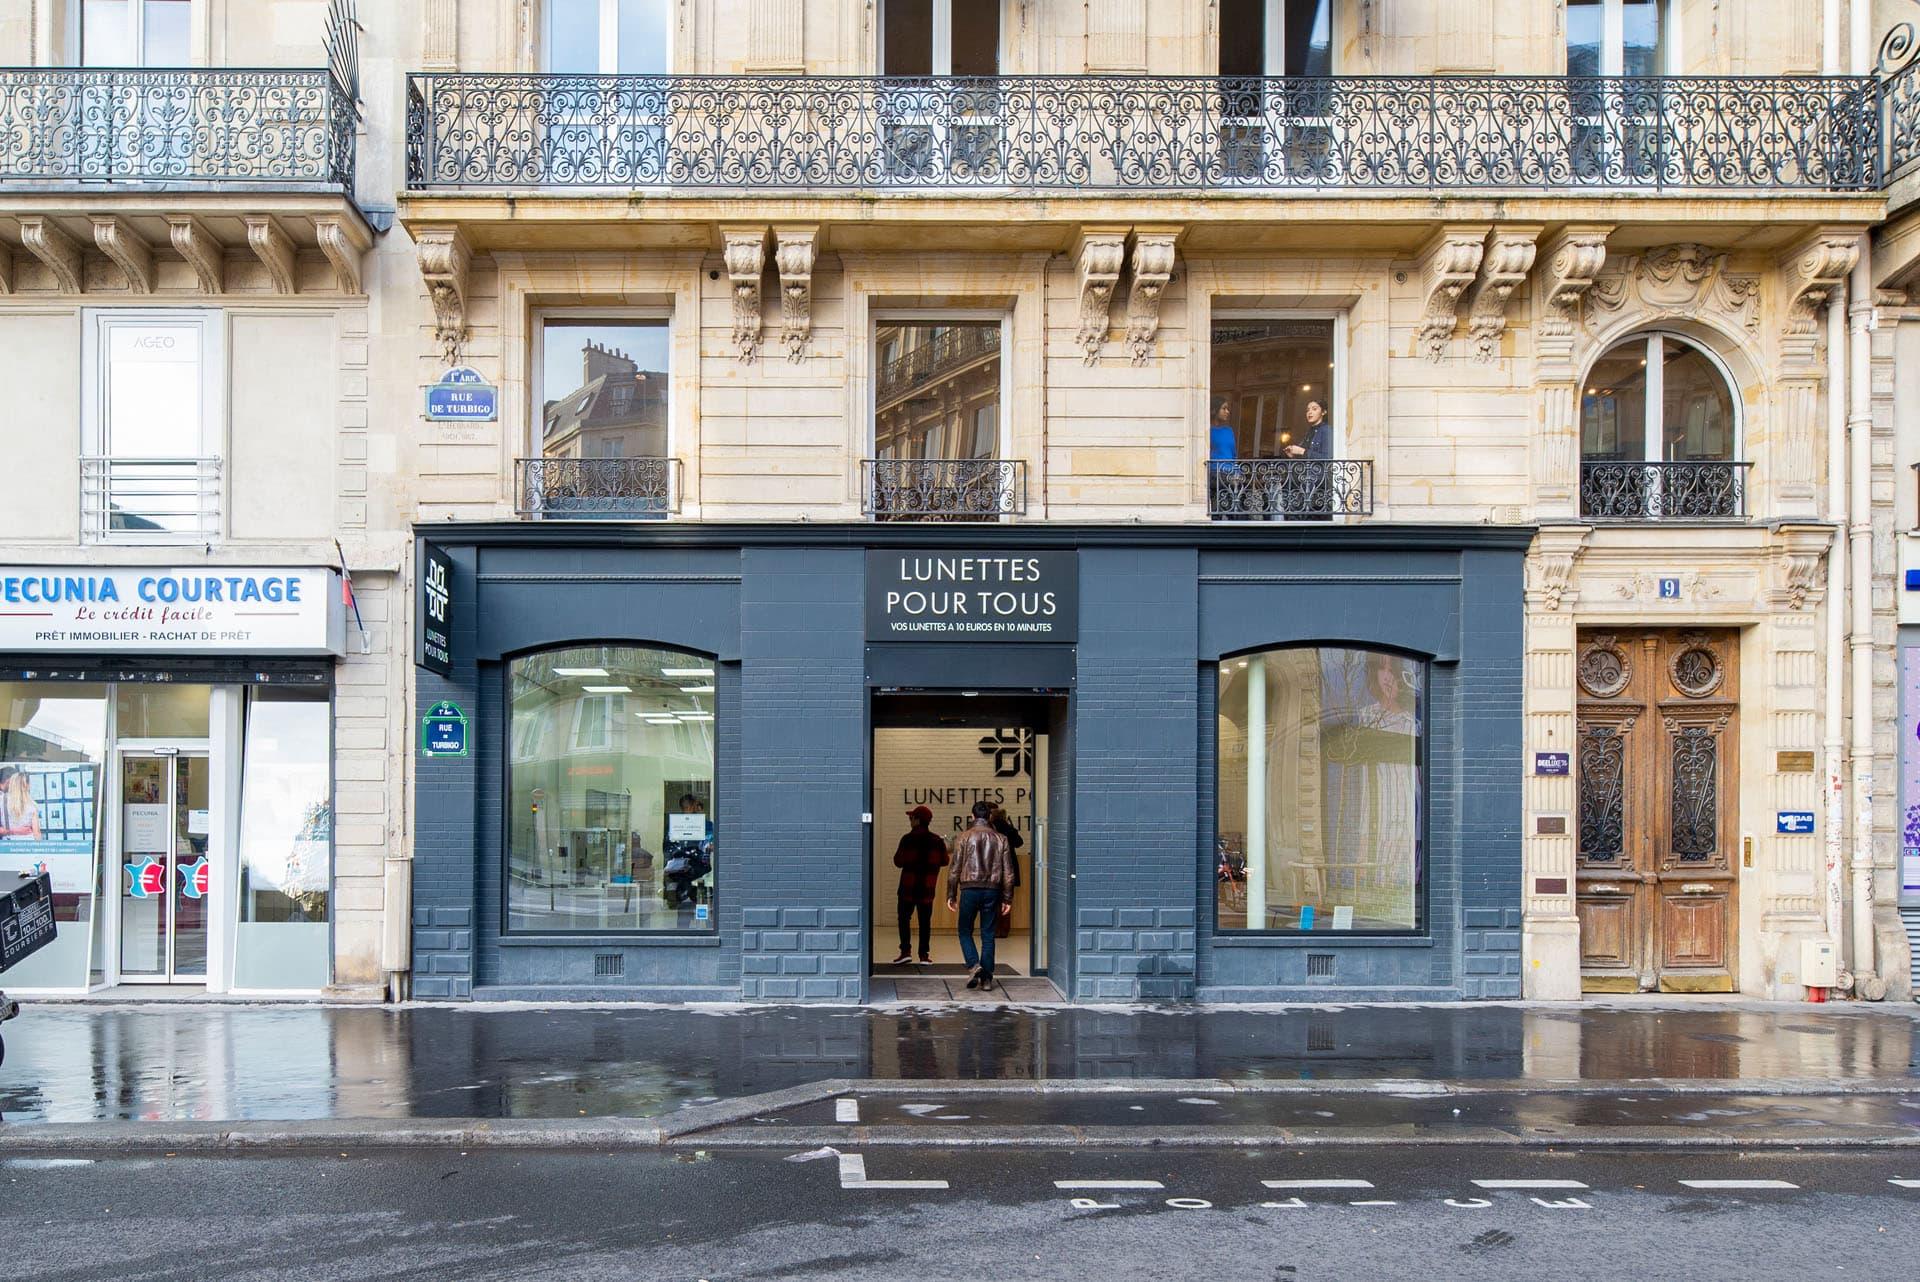 en ligne à la vente remise spéciale de rechercher l'original Magasin de Paris Turbigo - Lunettes Pour Tous